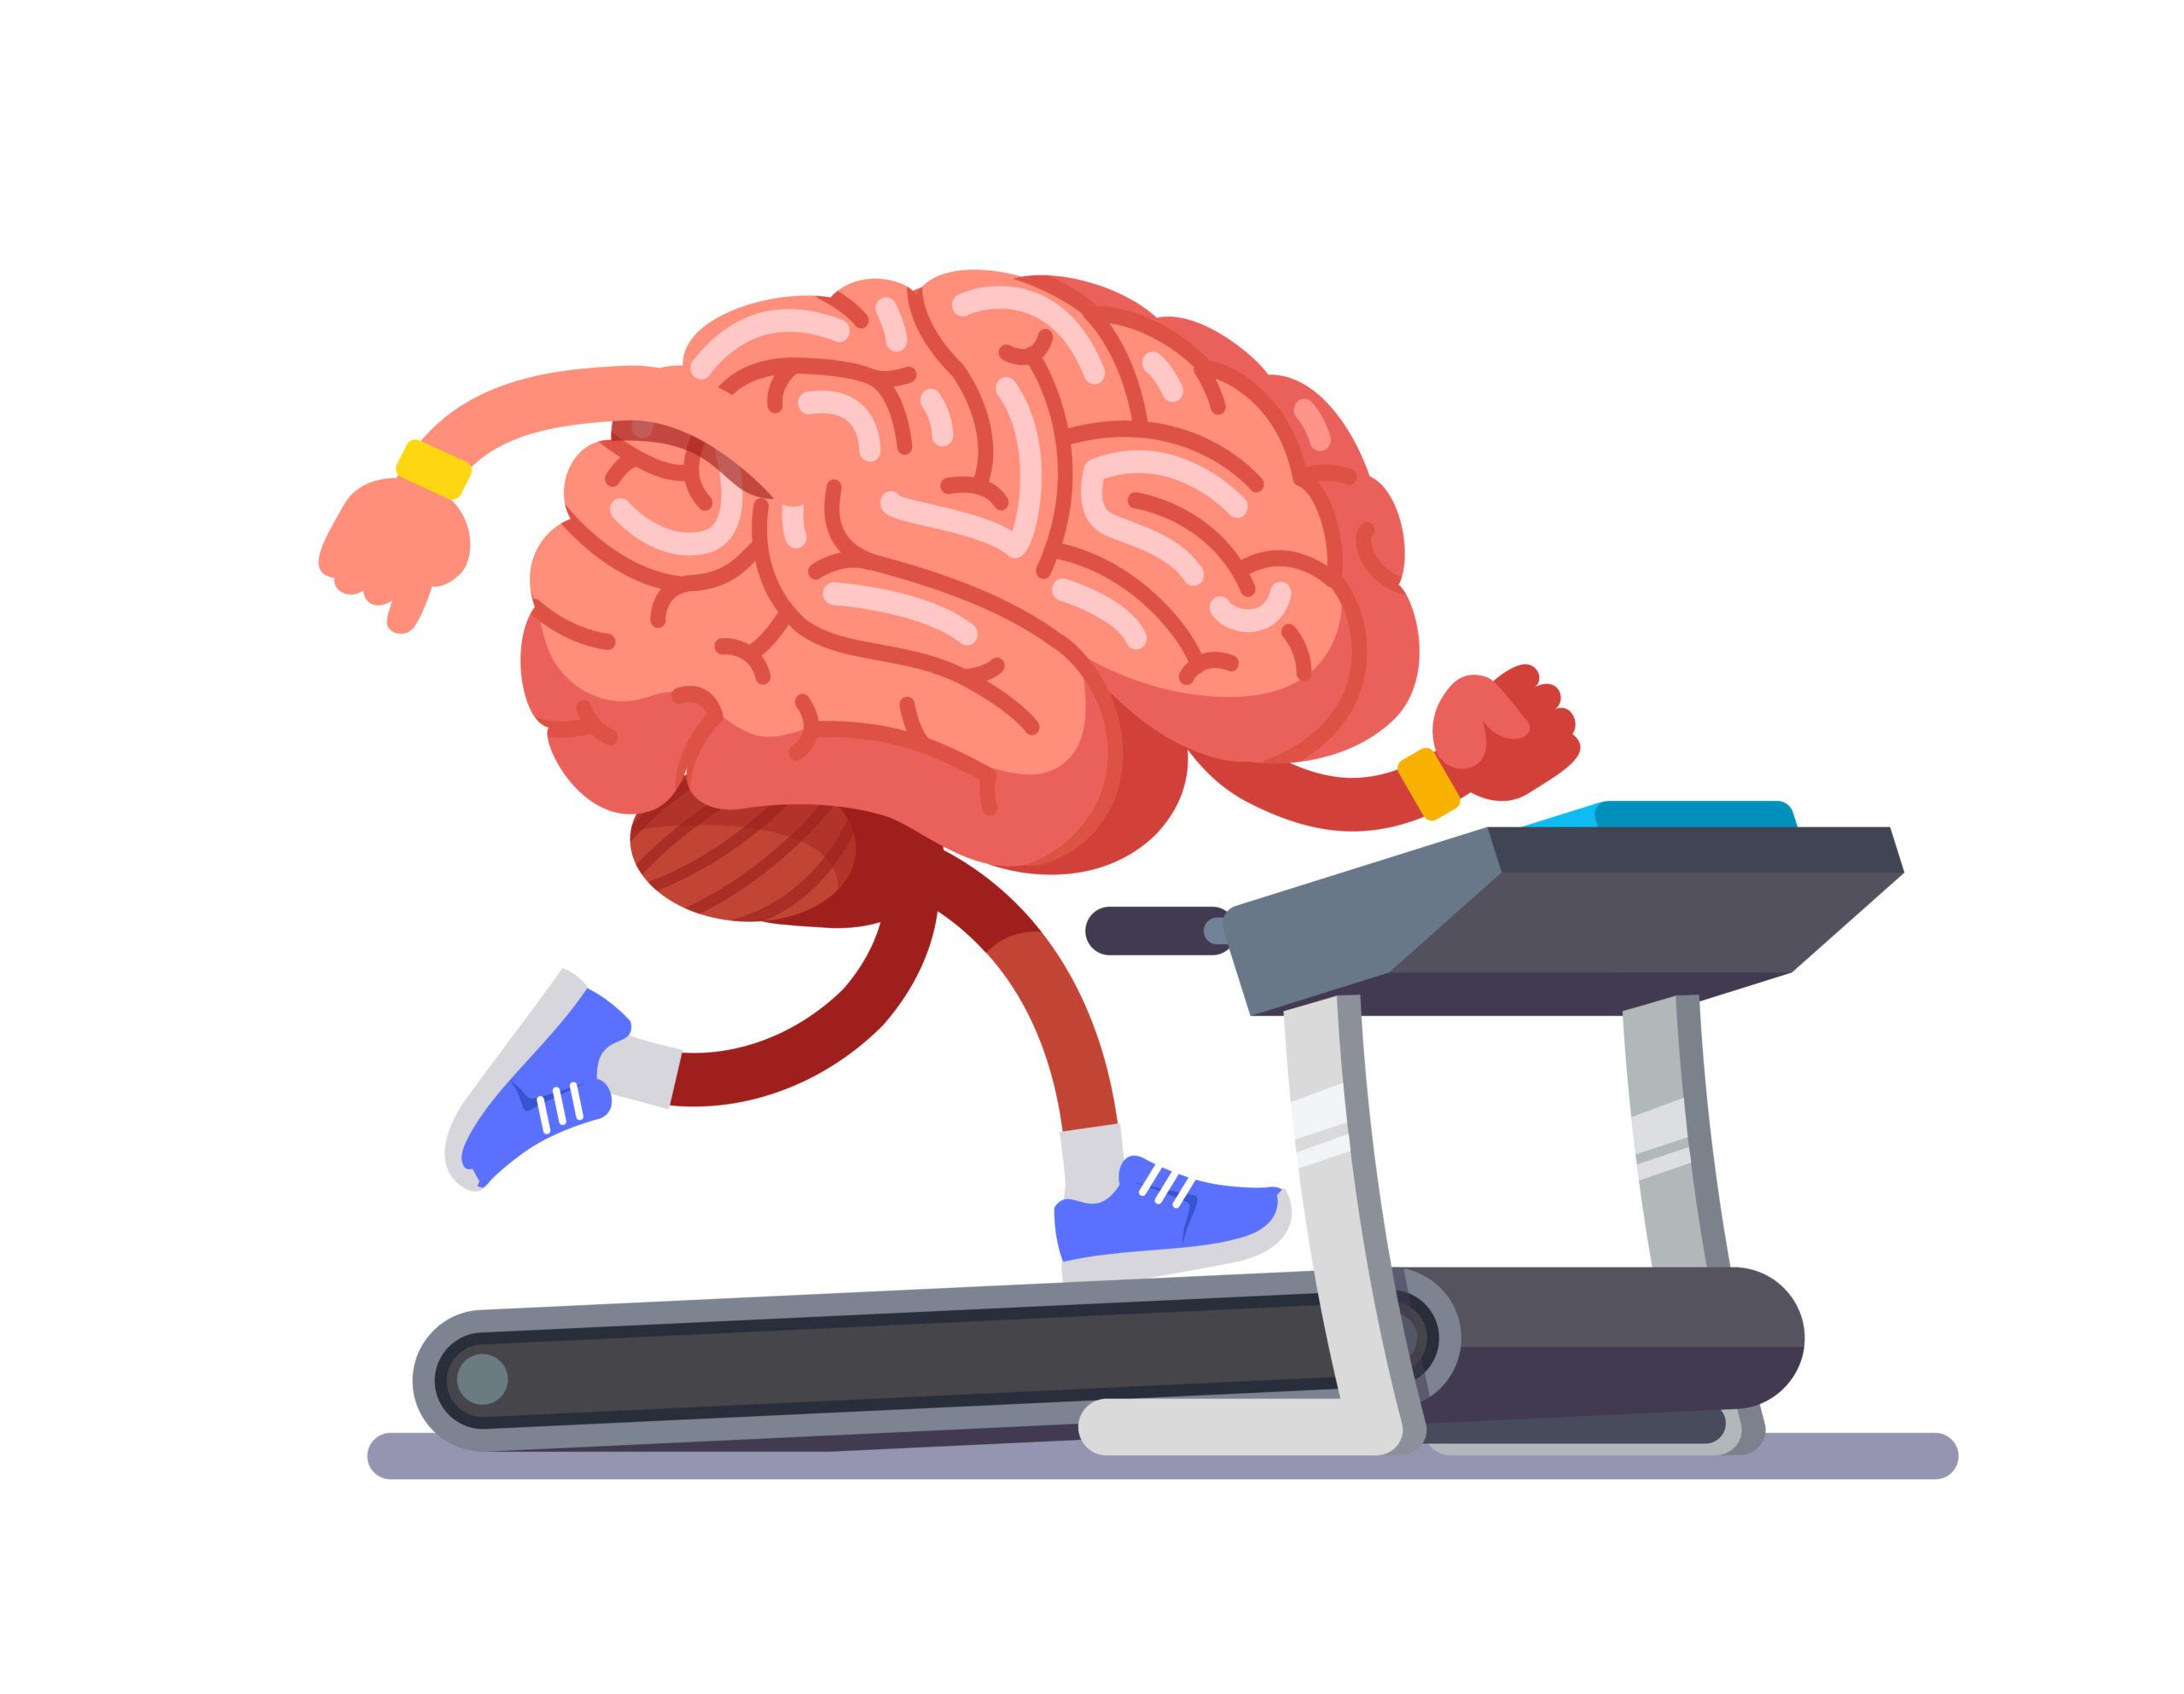 運動と脳の働きには良い相乗効果